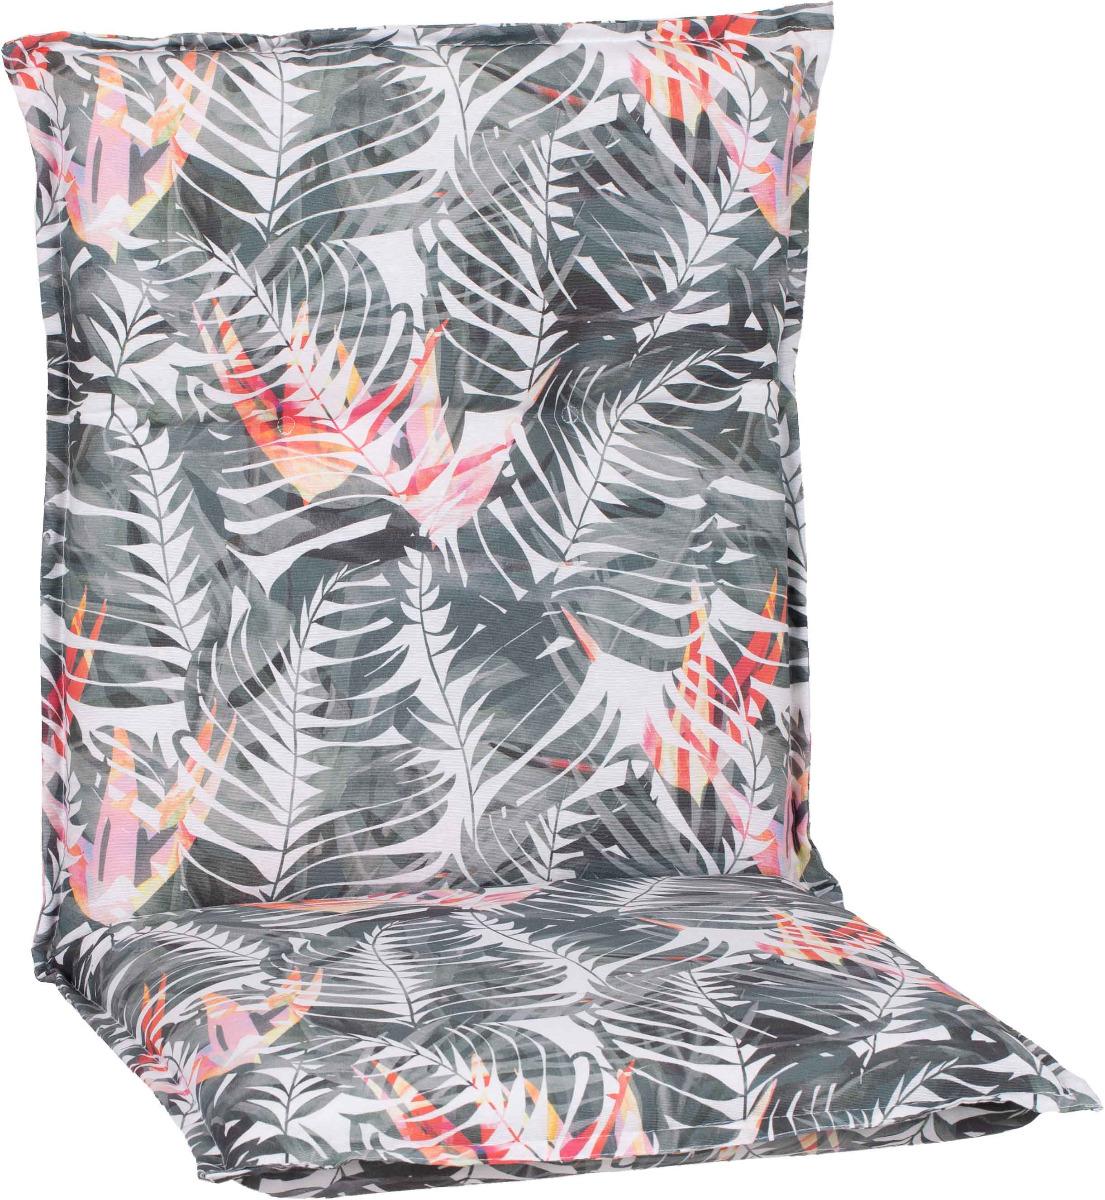 beo Gartenmöbel Auflage für Niedriglehner Palmen rosa grau BE037